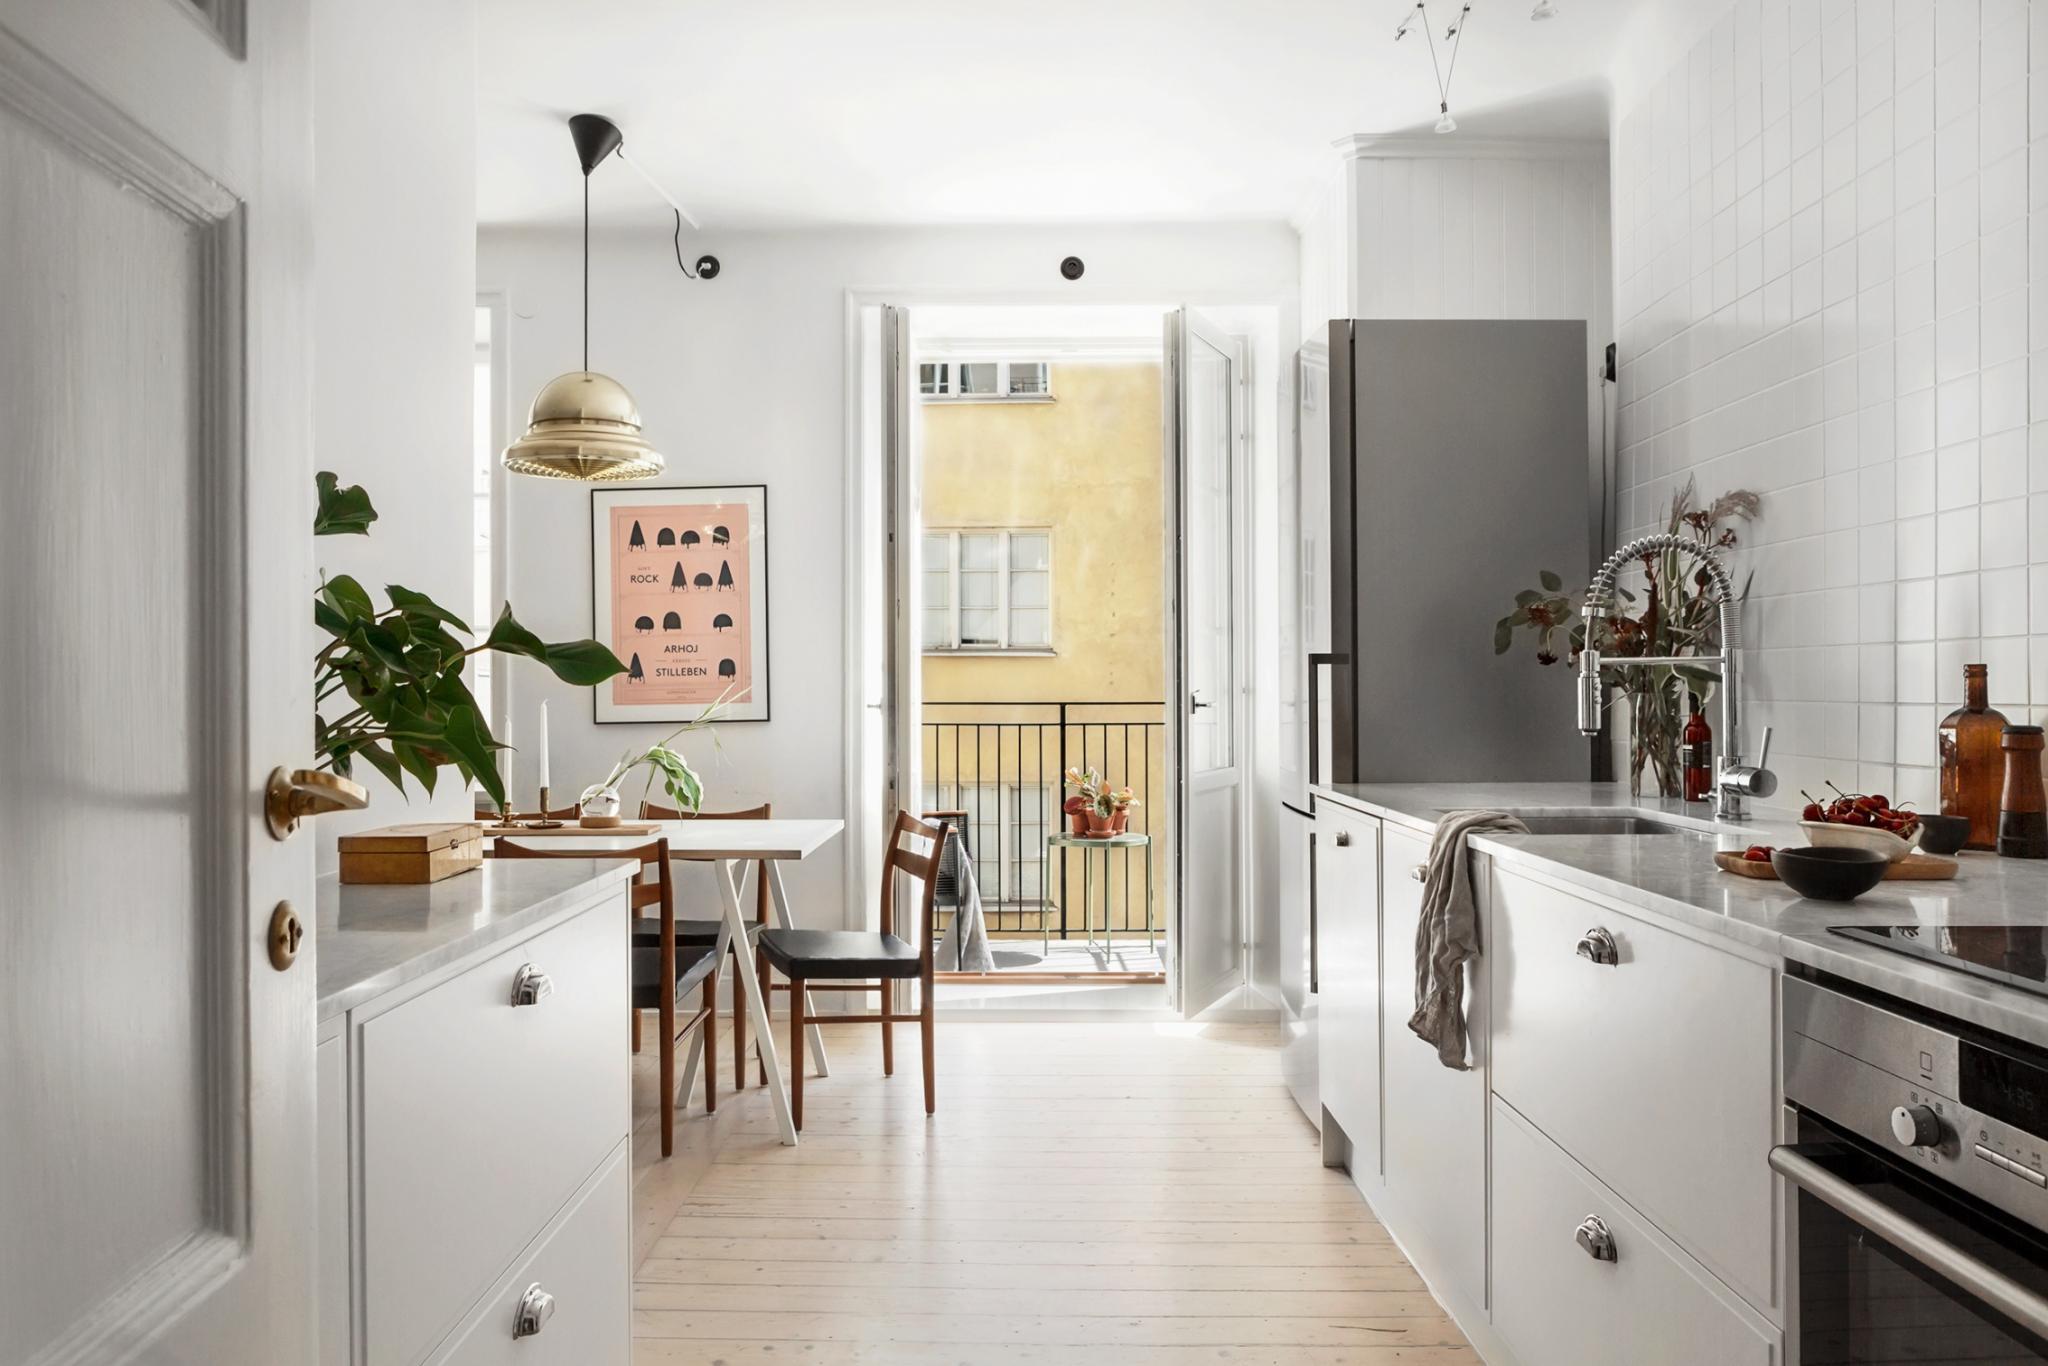 På billedet ses et køkken med spiseplads. Lyst og skandinavisk indrettet